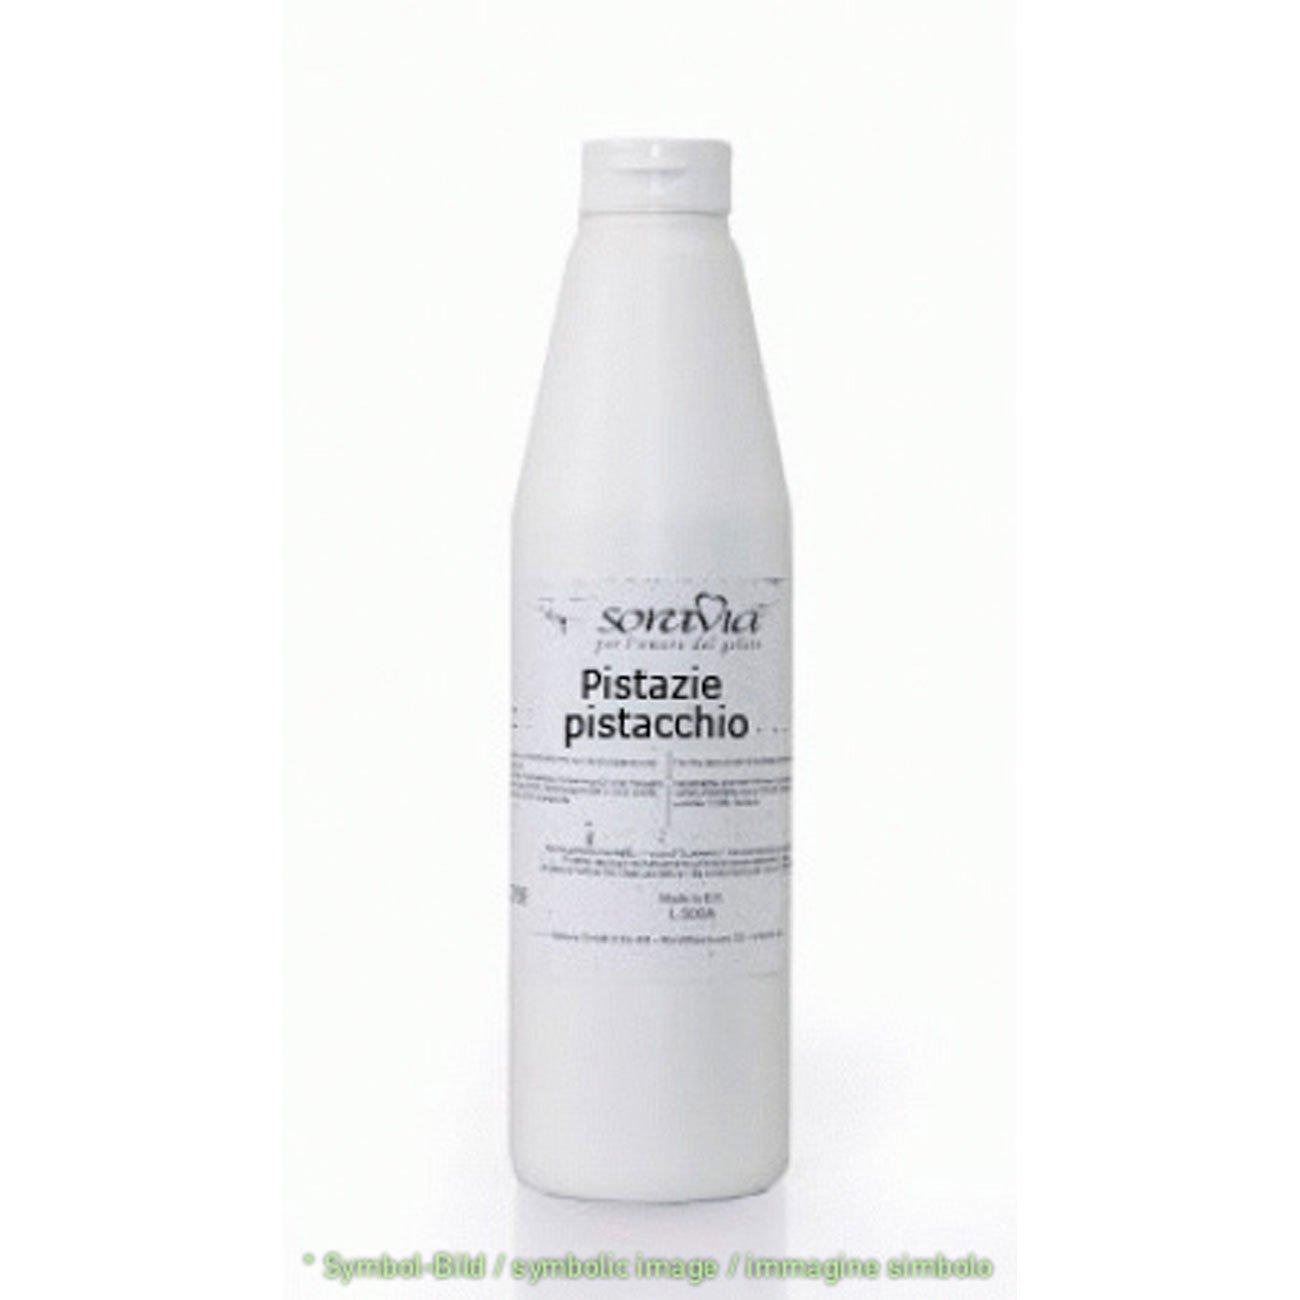 pistachio / pistacchio - bottle 1,00 kg